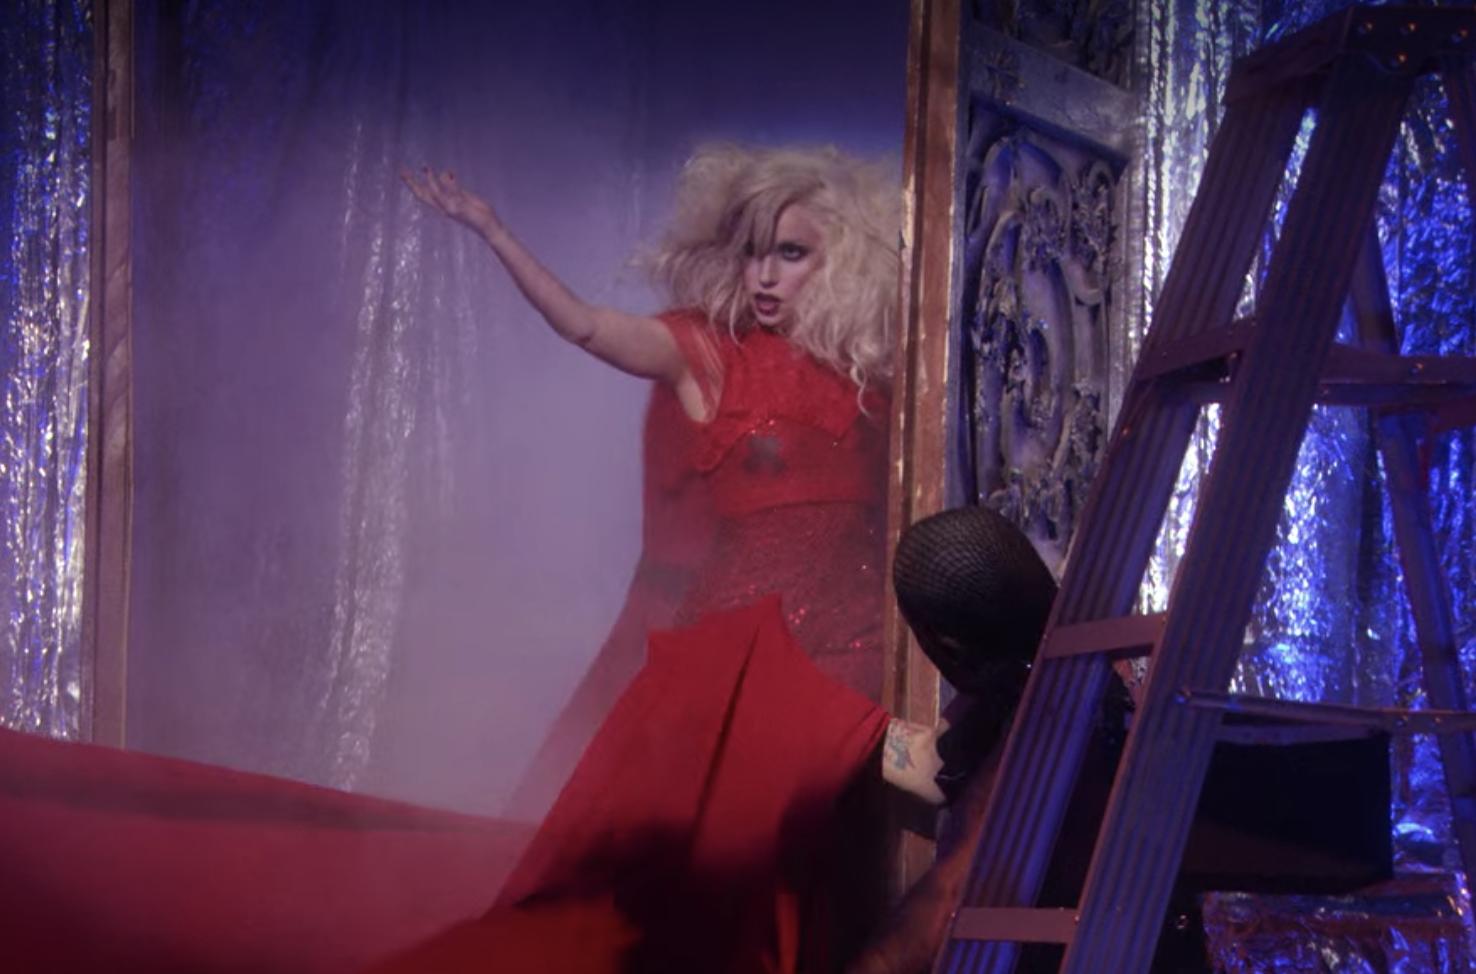 Lady Gaga onstage performing